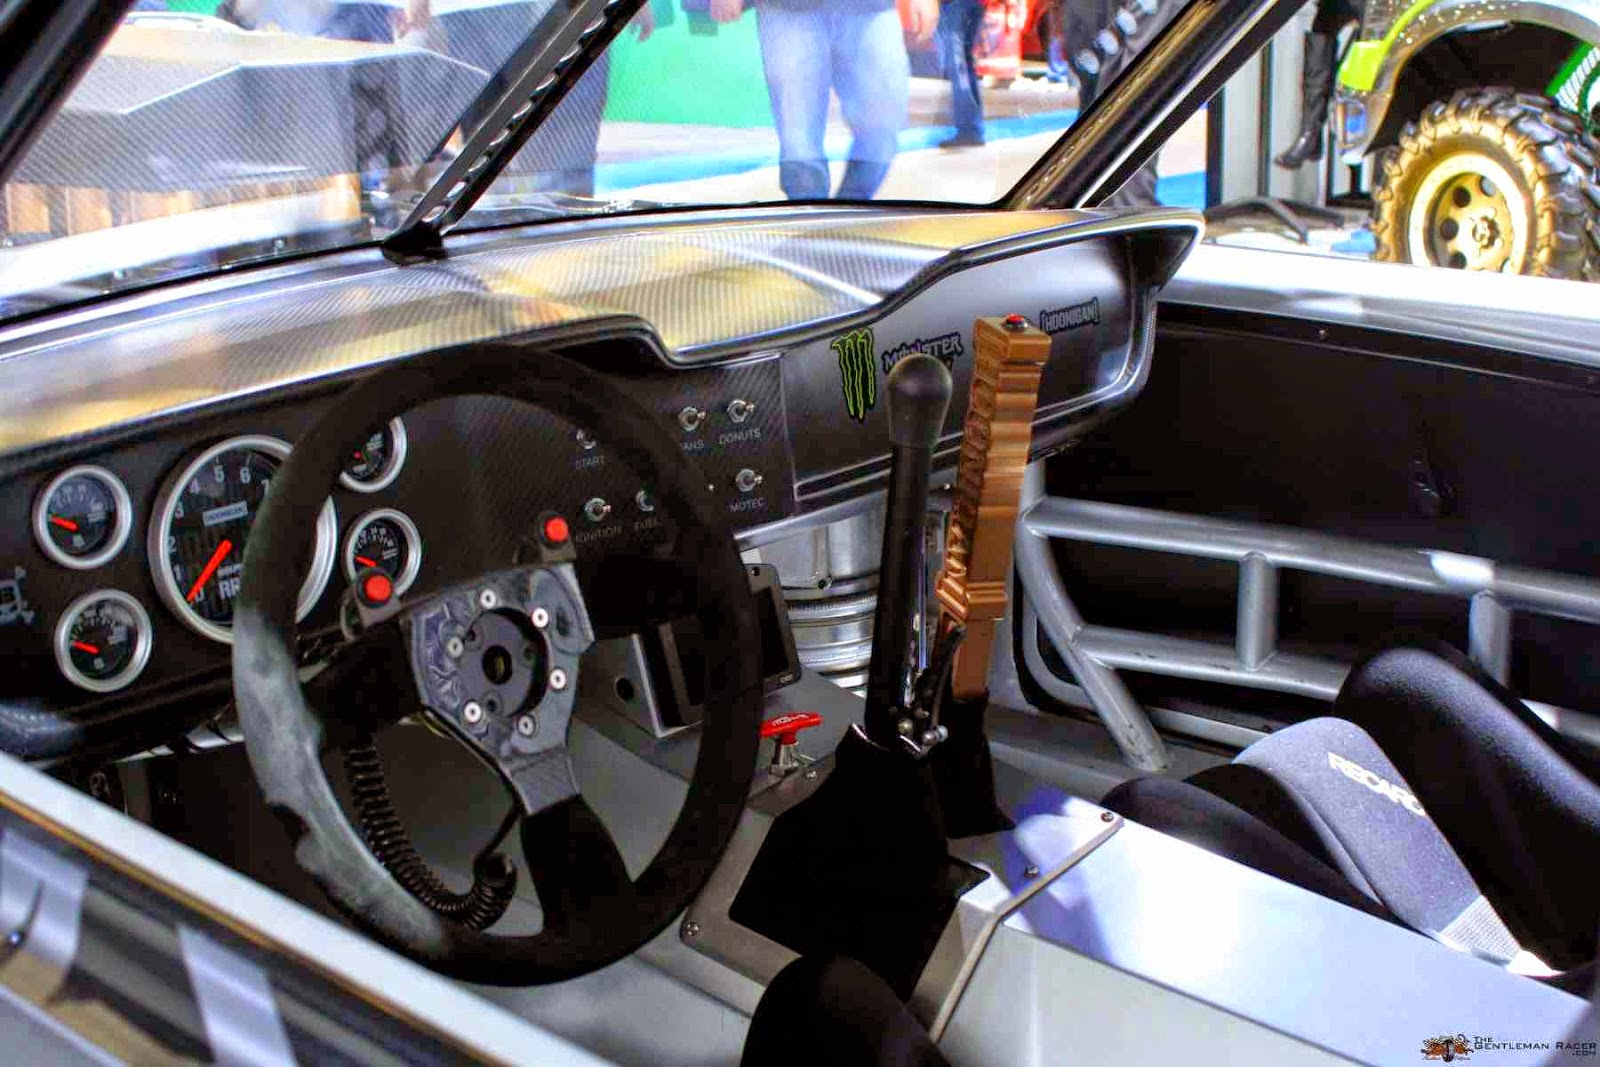 Ken Blocks 1965 Ford Mustang Hoonicornon 2015 Ford Mustang Rear Suspension